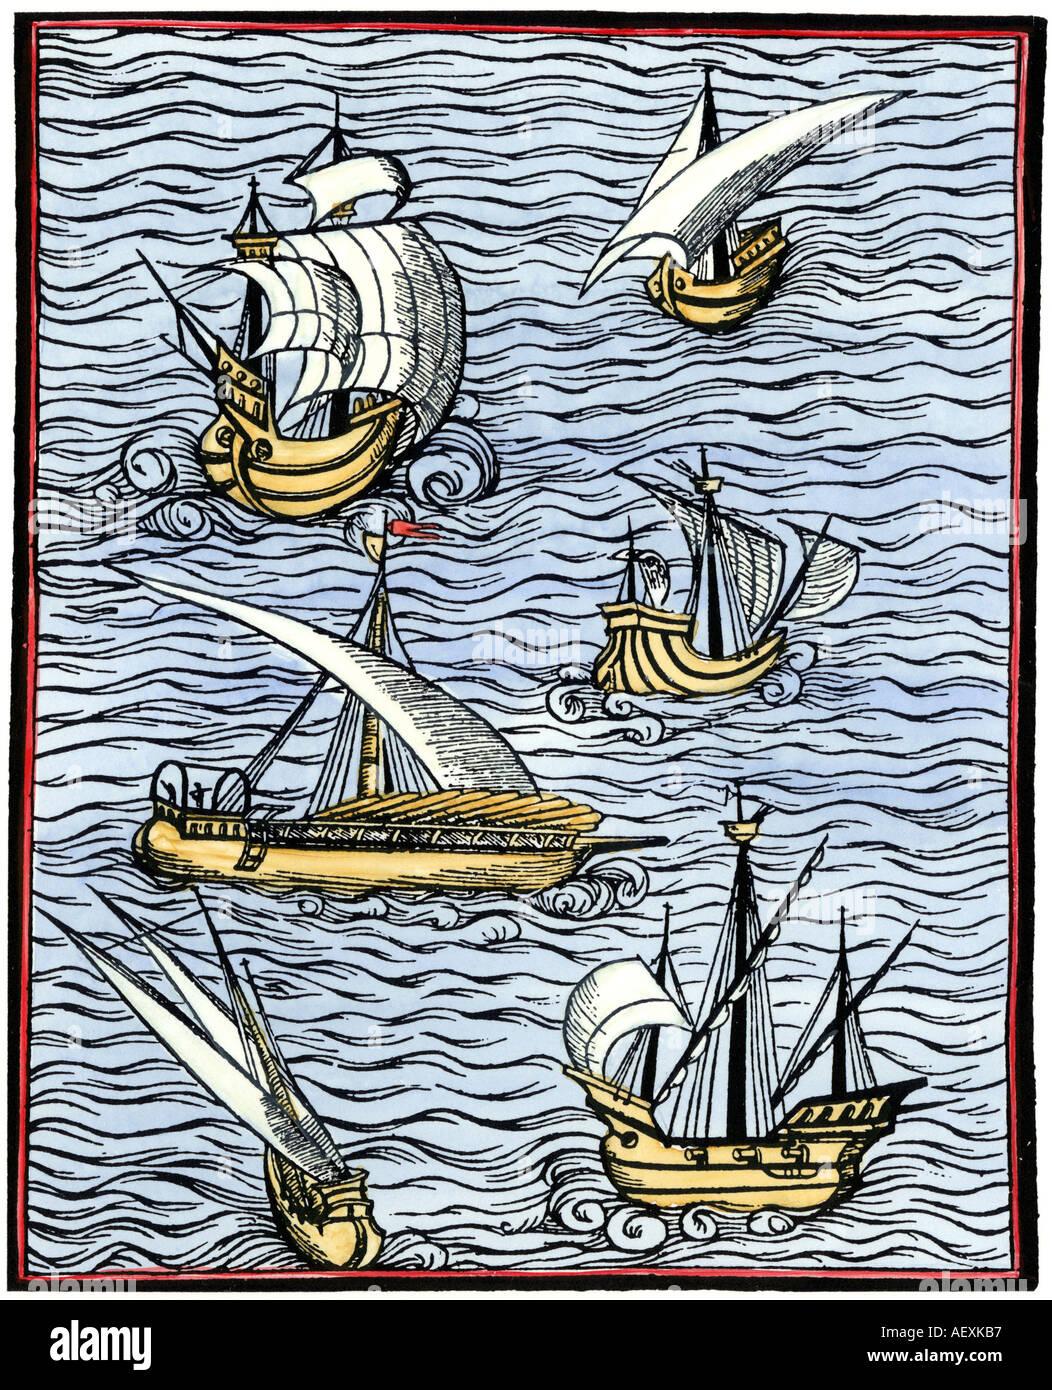 Caravels from Libre de cololat tractat dels fet maritims 1502. Hand-colored woodcut - Stock Image